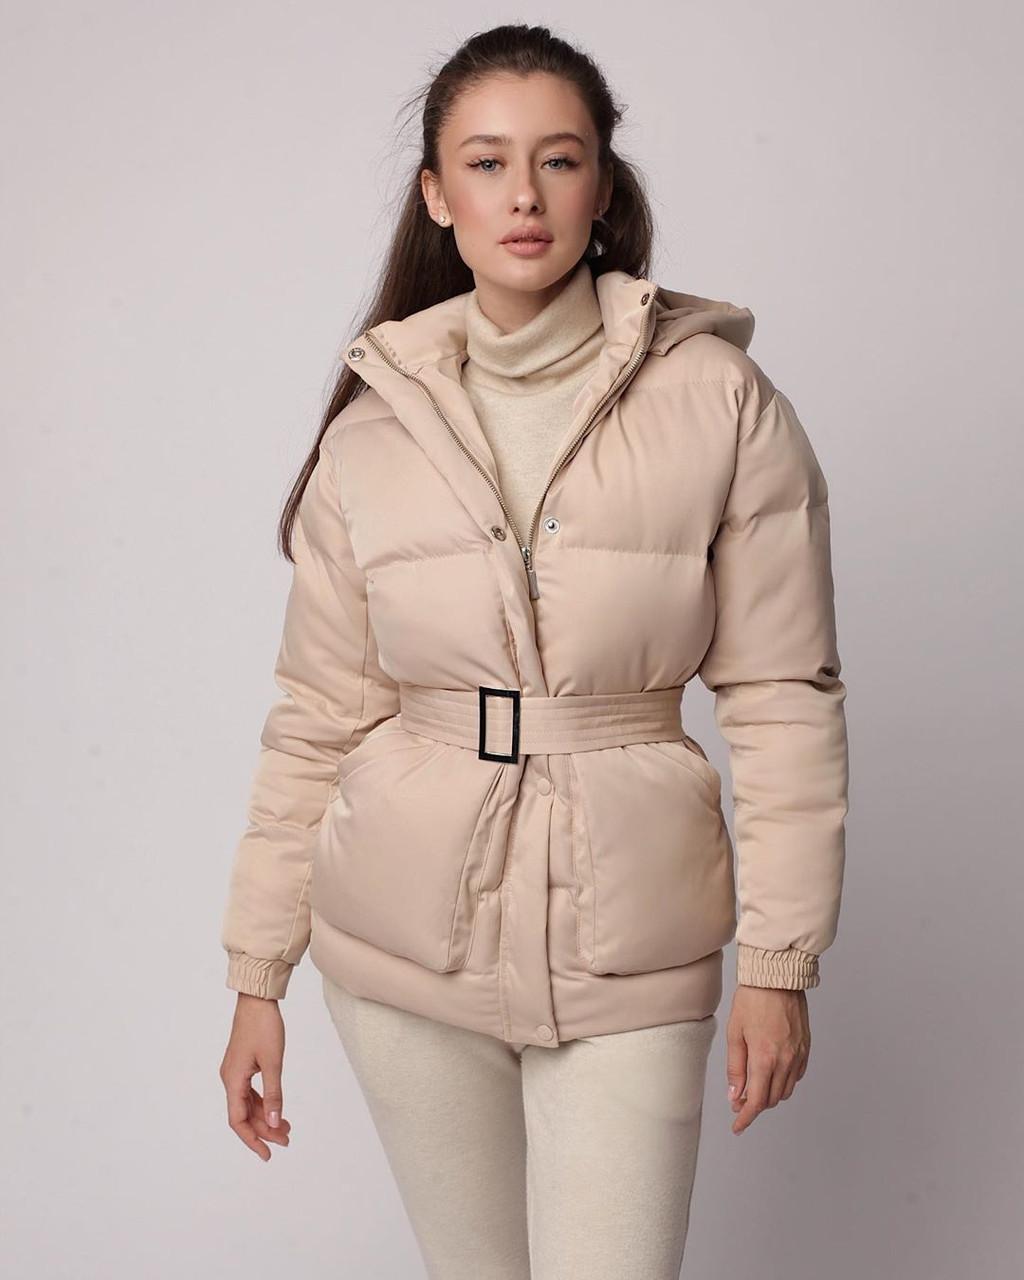 Объемный дутый женский весенний пуховик куртка с капюшоном поясом карманами светлый бежевый  хаки черный